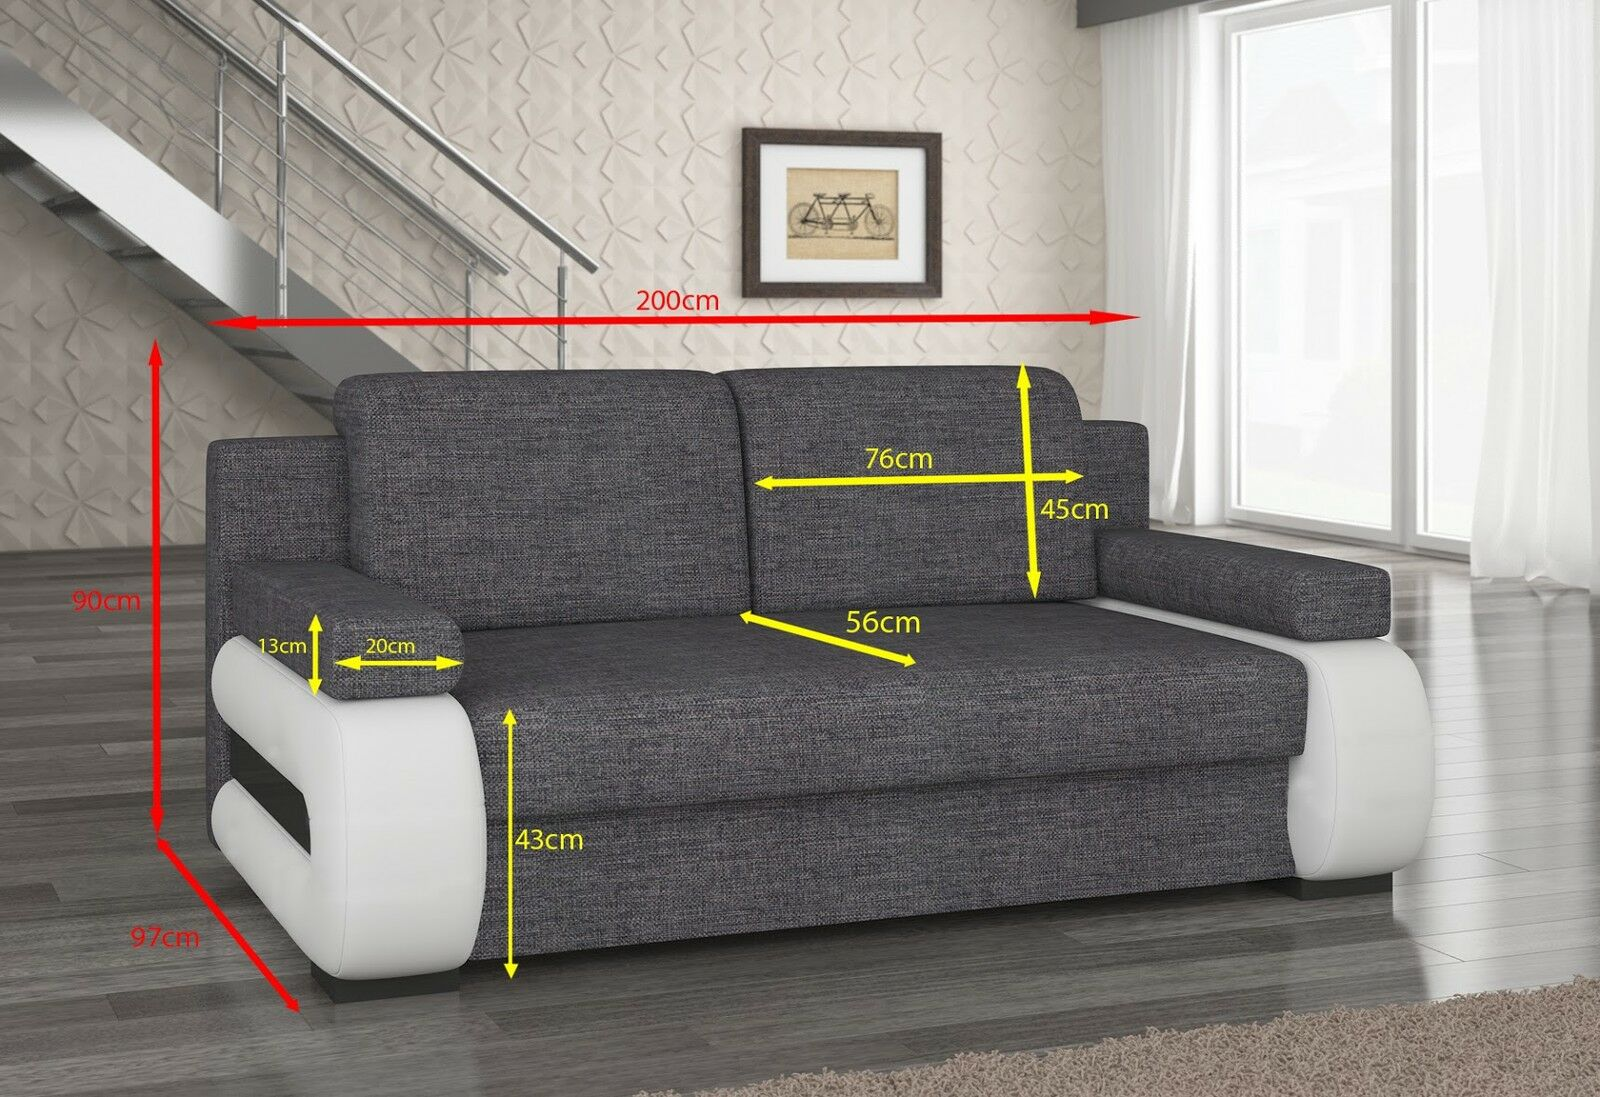 Exquisit Jugendschlafsofa Sammlung Von Excellent Couch Sofa La Mit Jugendsofa With